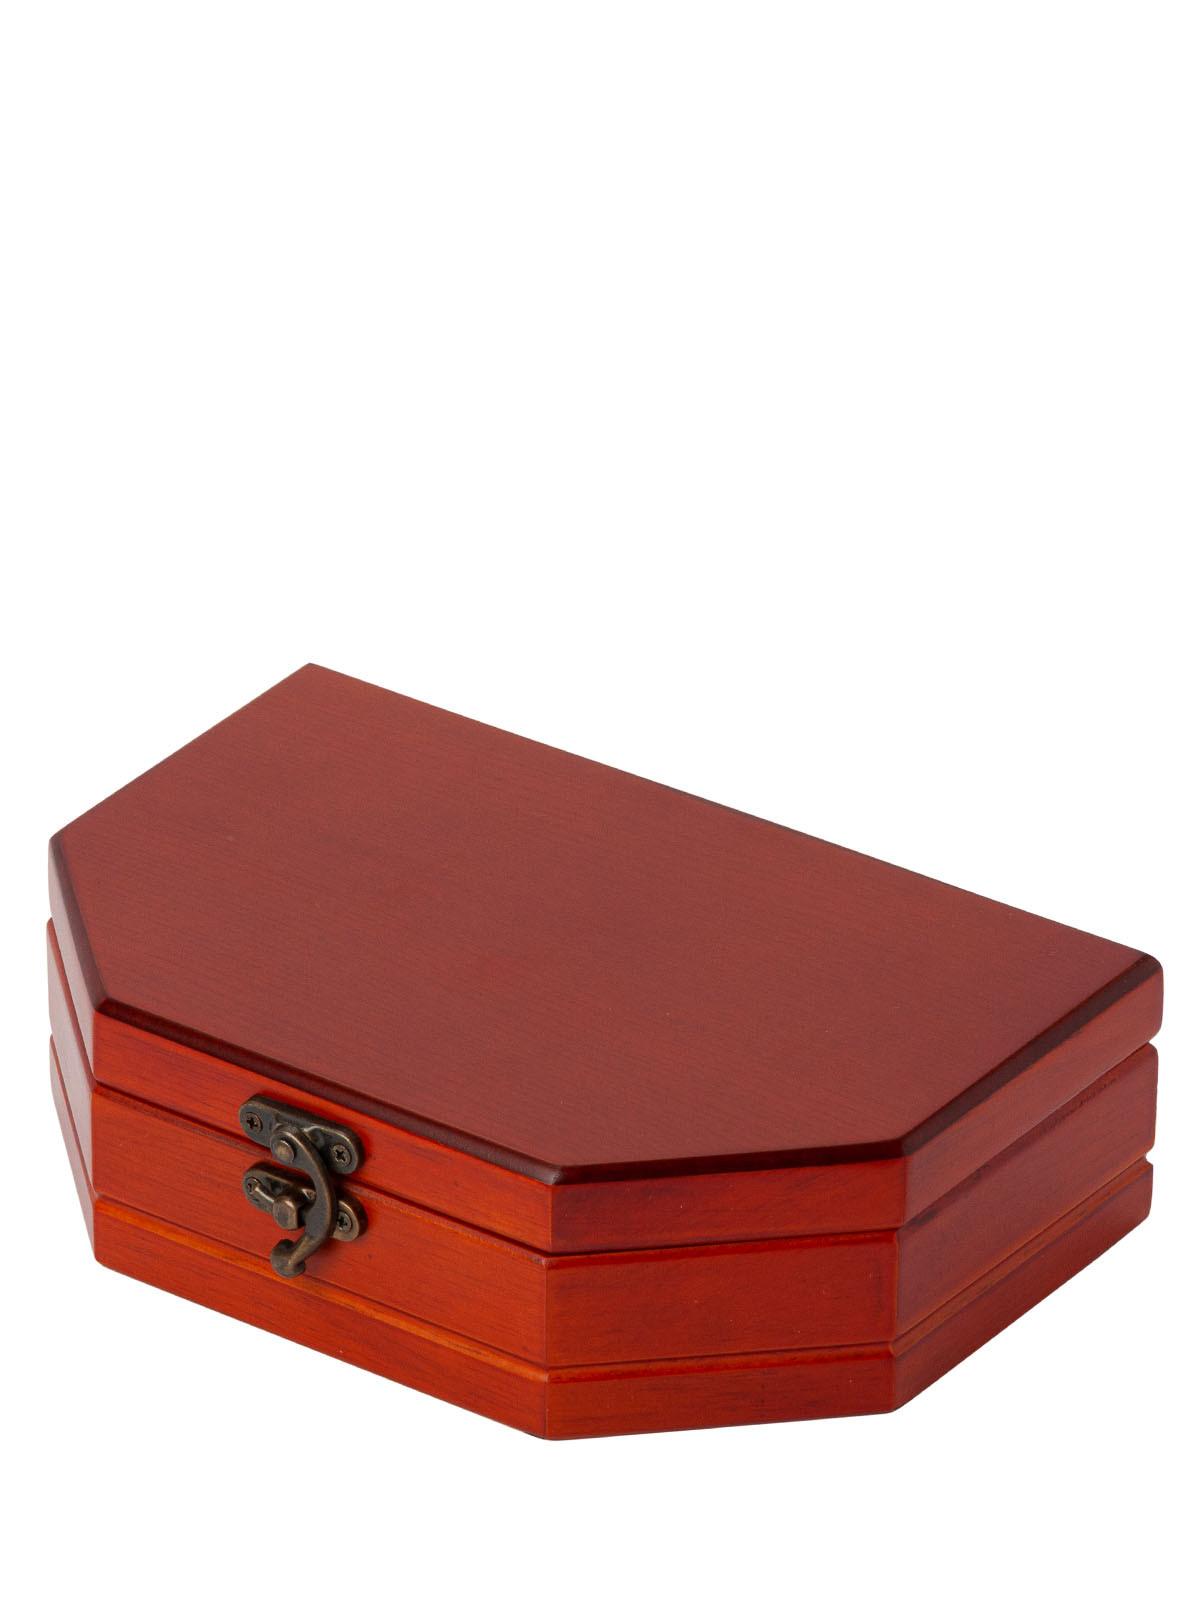 Шкатулка для украшений S-599 коричневый